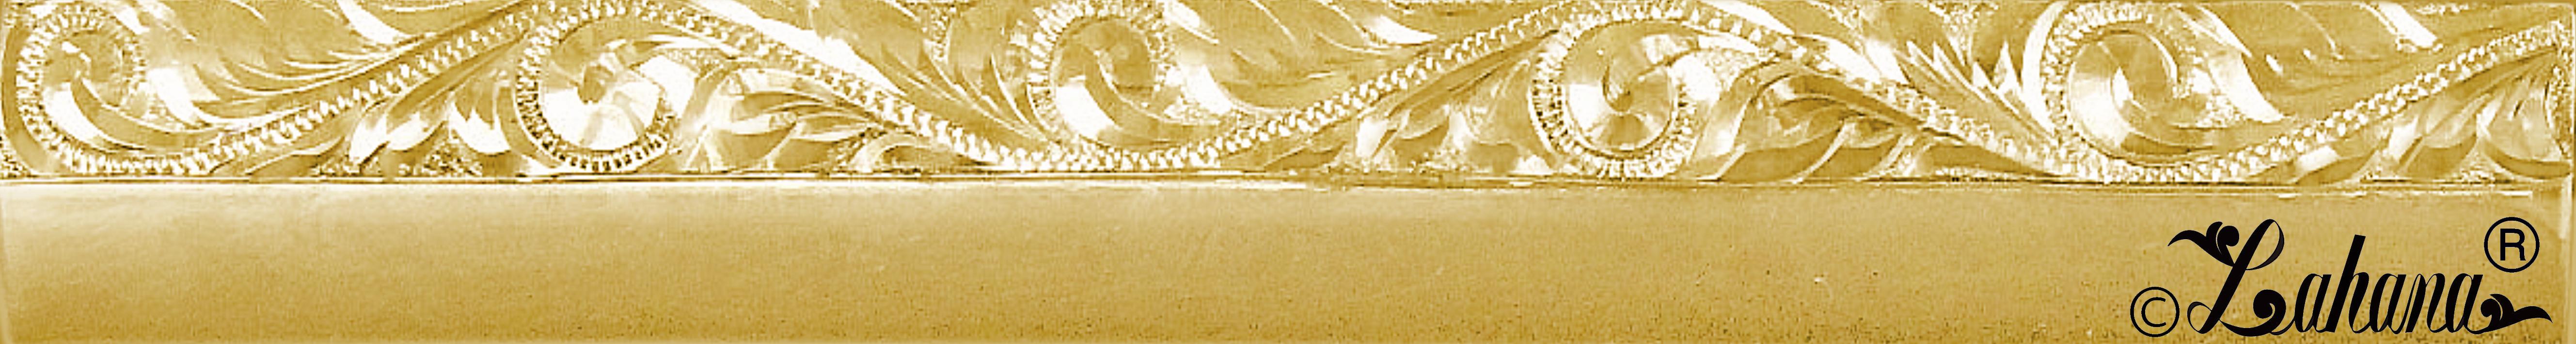 14k-sample-logo-md-a.jpg